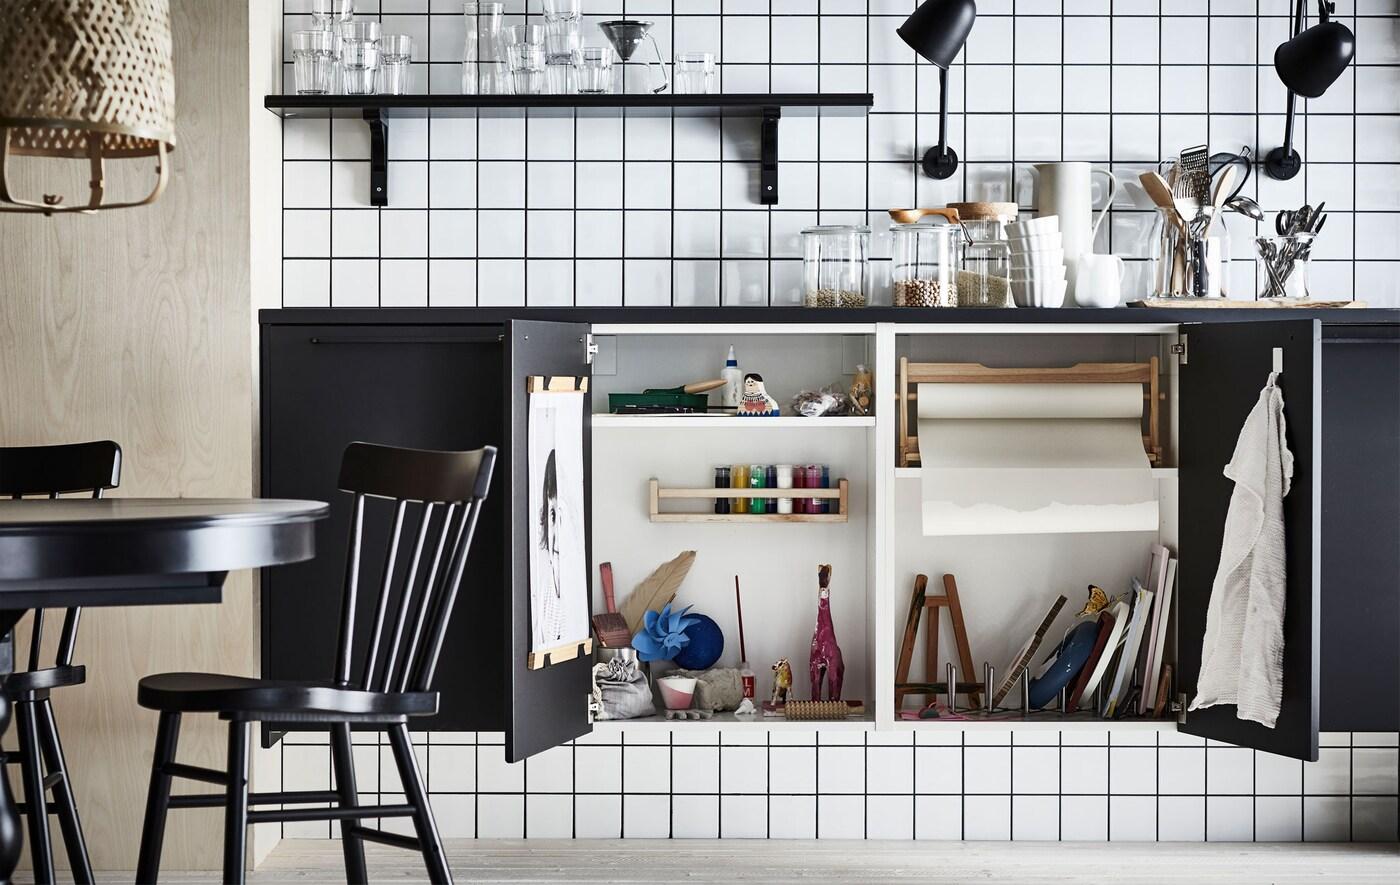 シンク下の戸棚の扉を開けた状態のキッチンのワークトップ。中には完全なミニチュアのアートスタジオが入っている。